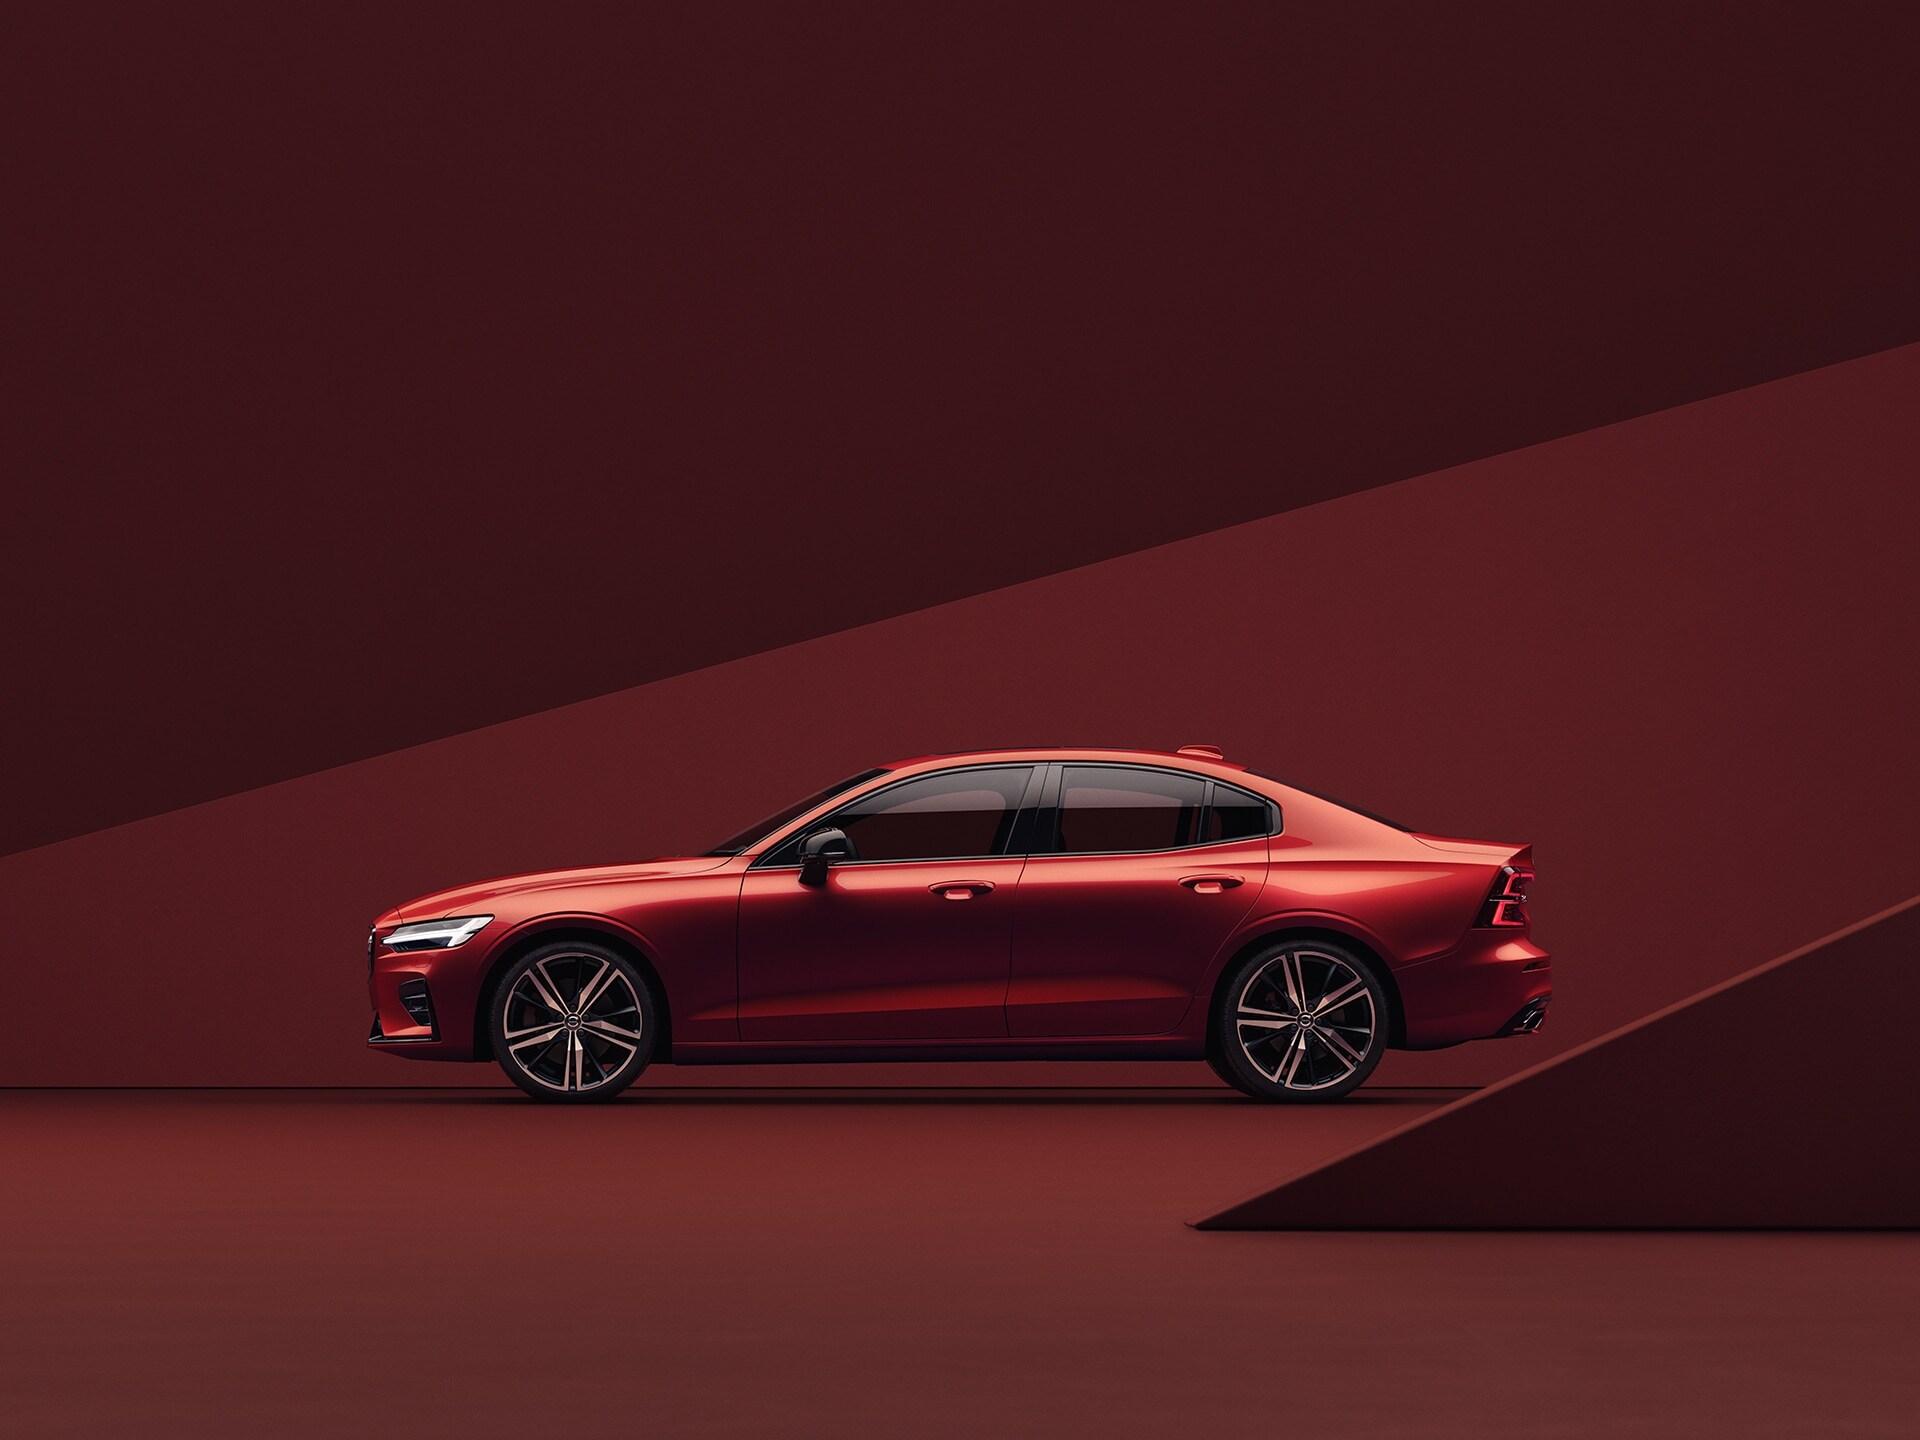 停在红色环境中的红色沃尔沃 S60。